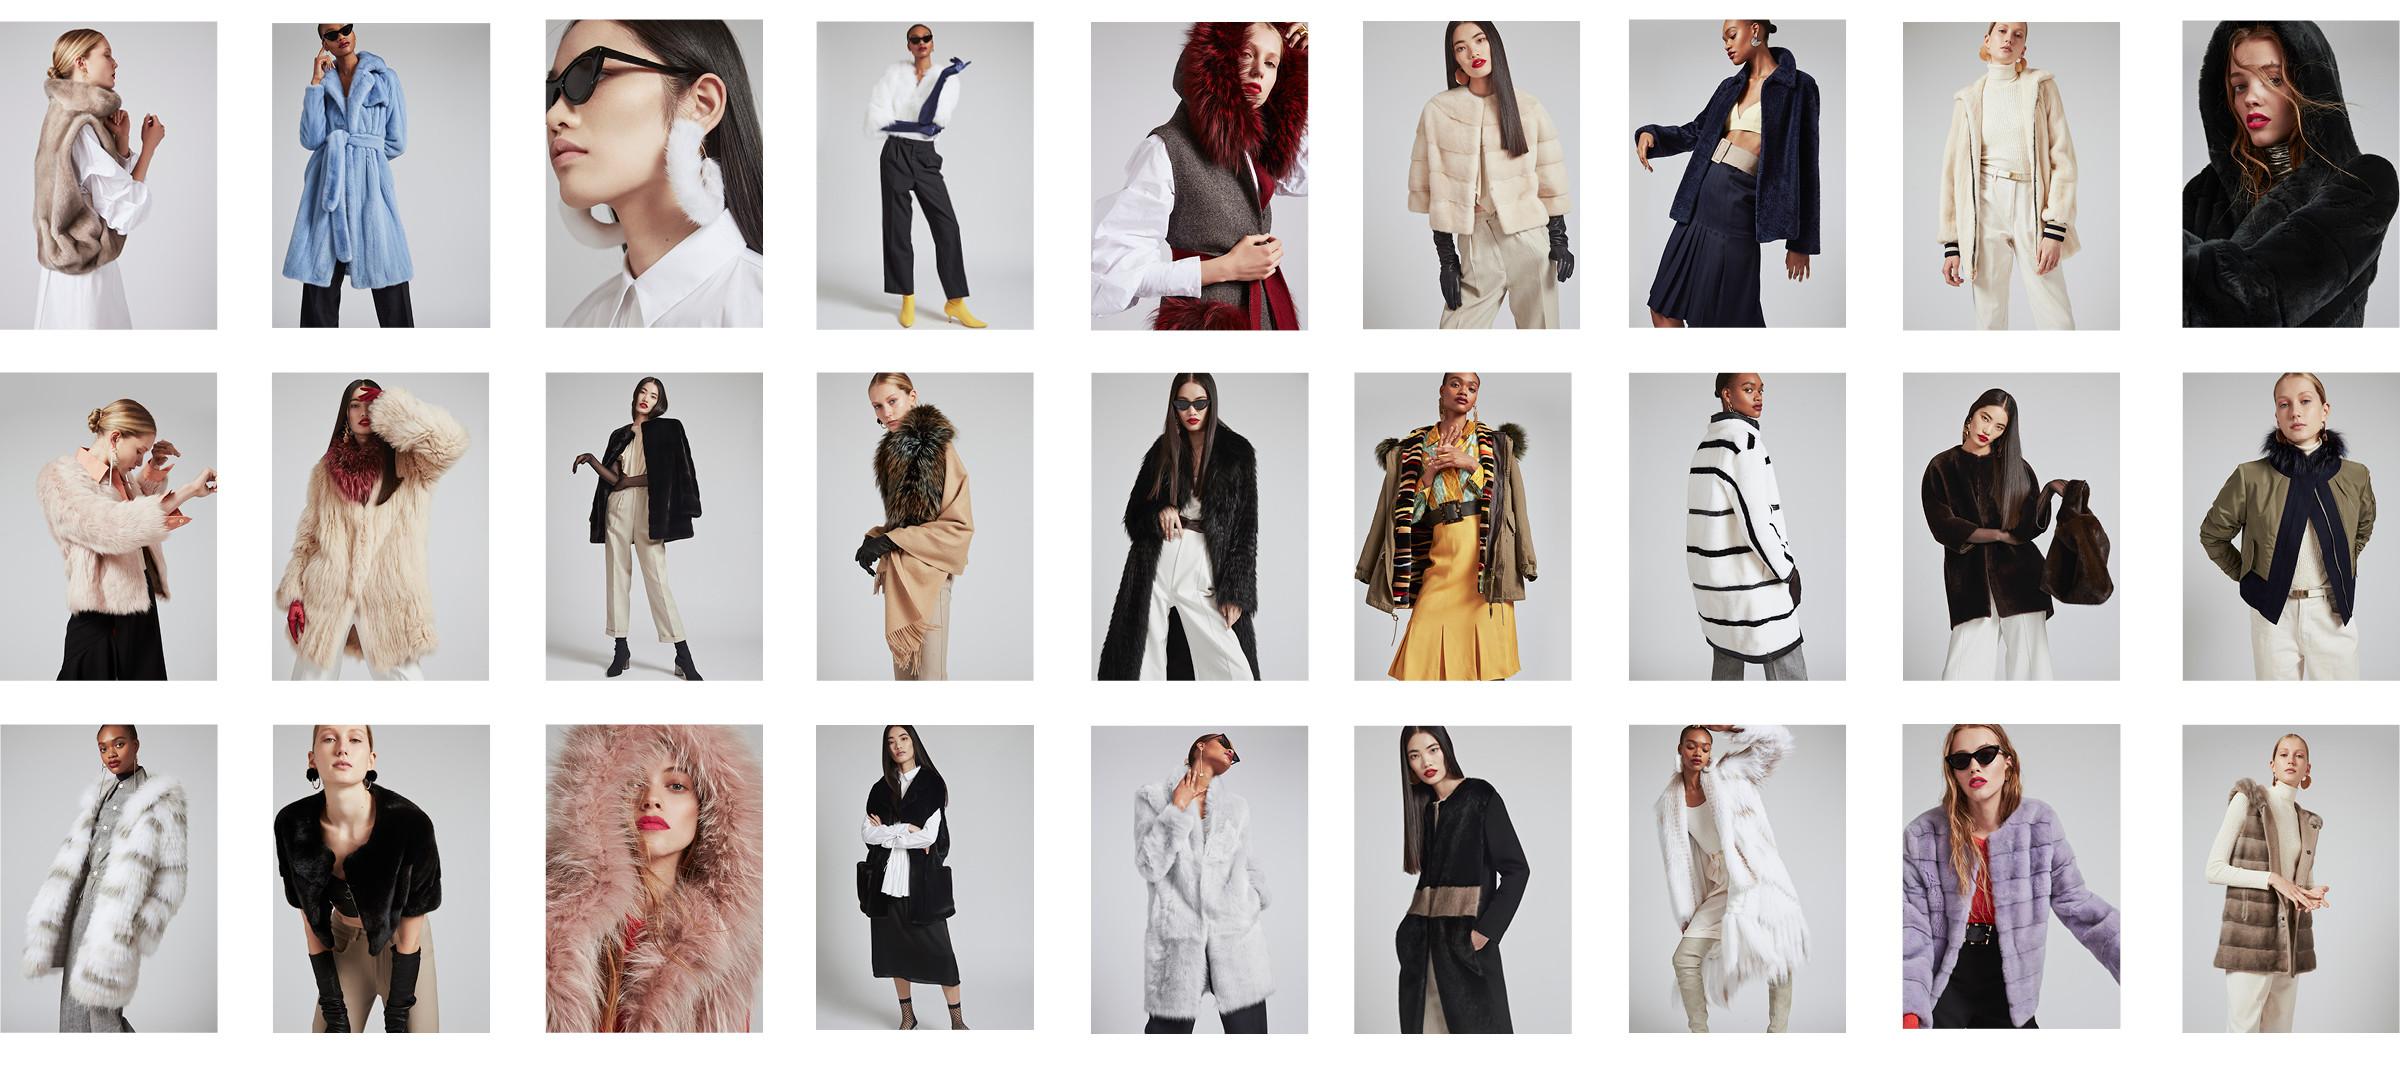 Compilation of e-commerce shots for DTE's client, Pologeorgis